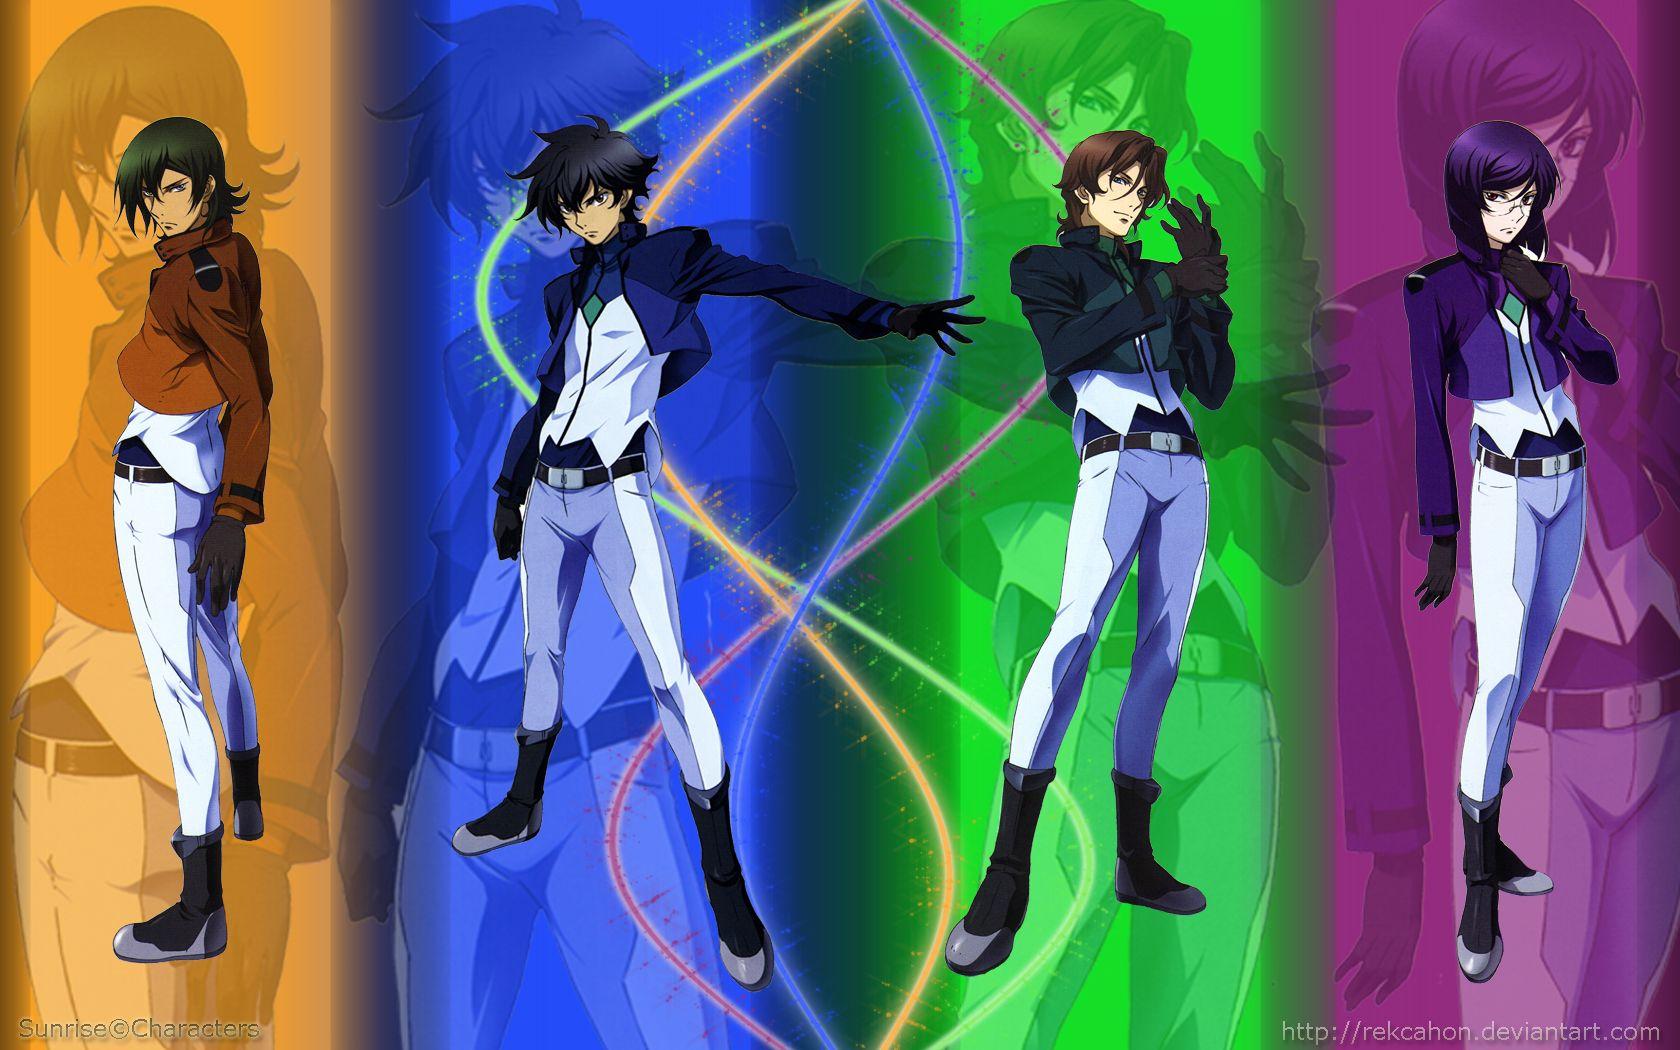 Mobile Suit Gundam 00 The Movie: A Wakening of the Trailblazer [Movie][BD][Sub Indo][360p 480p 720p]